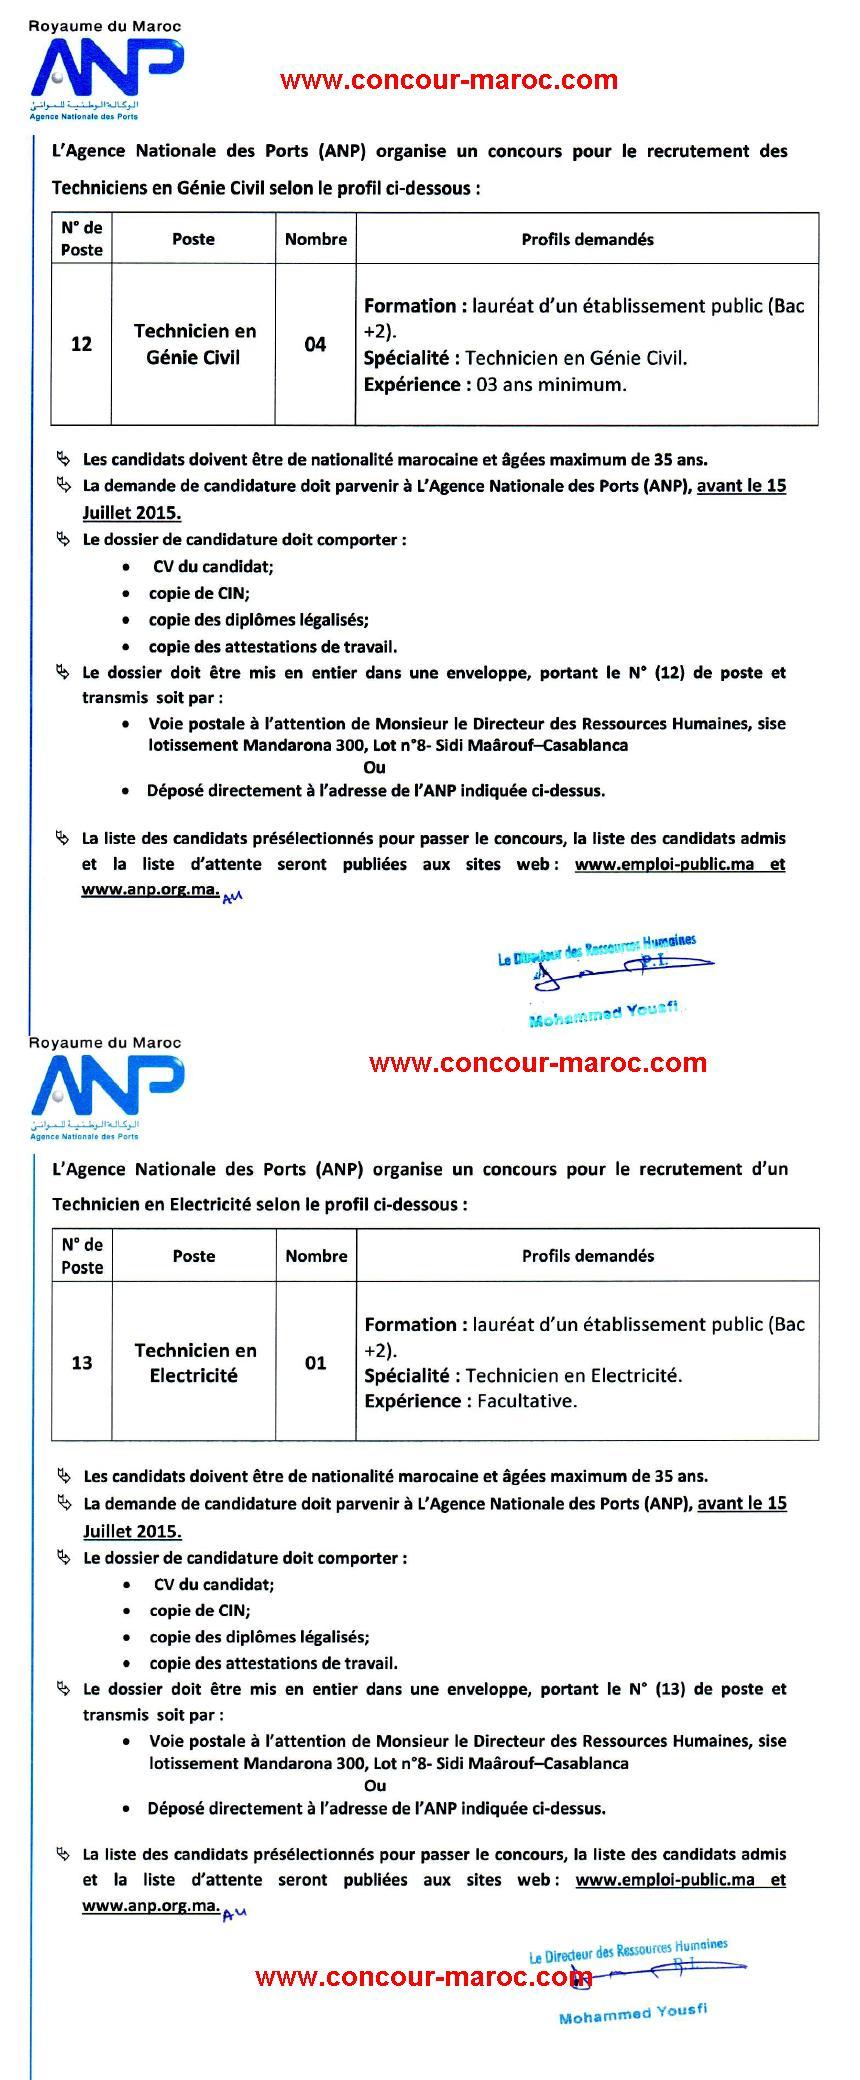 الوكالة الوطنية للموانئ : مباراة لتوظيف تقني تخصص هندسة مدنية (4 مناصب) و تقني تخصص كهرباء (1 منصب) آخر أجل لإيداع الترشيحات 15 يوليوز 2015 Concou31